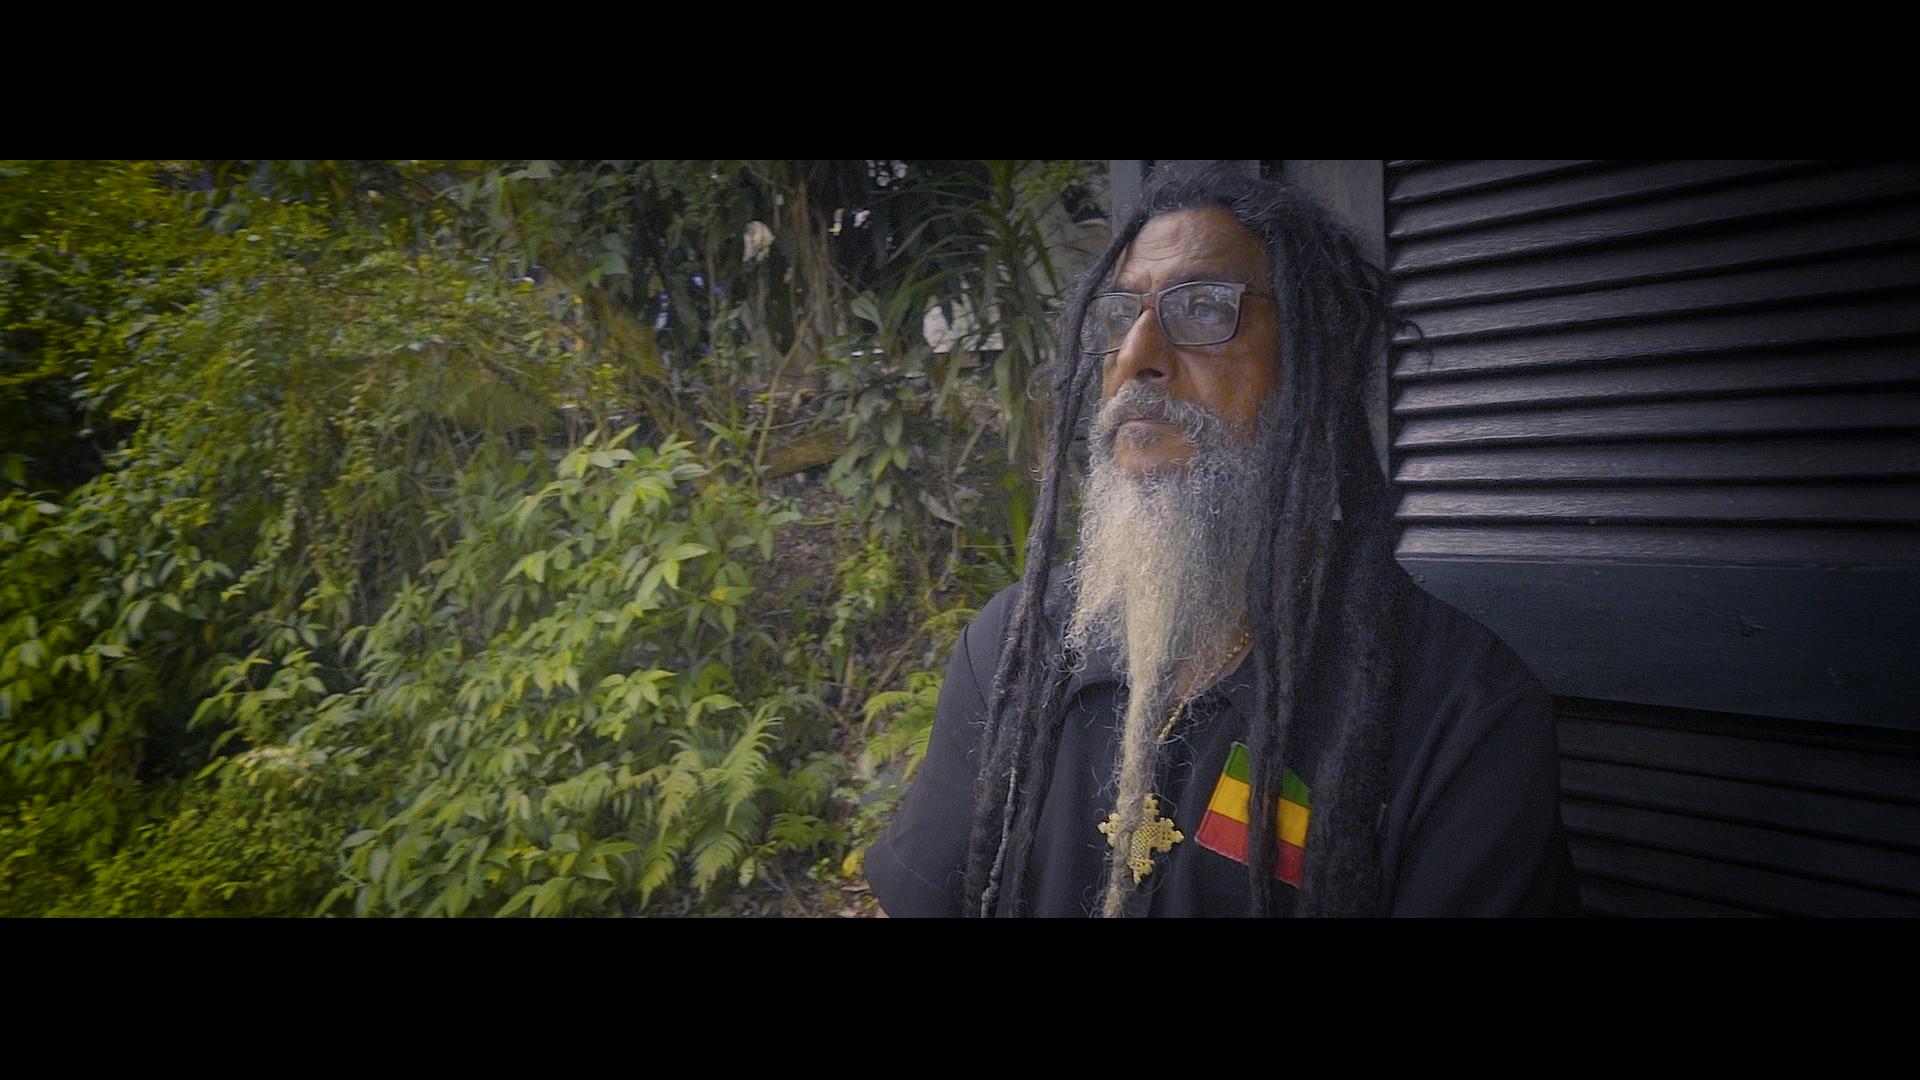 Etiópicos - Um Começo Dinovo. 2020. REALI7E